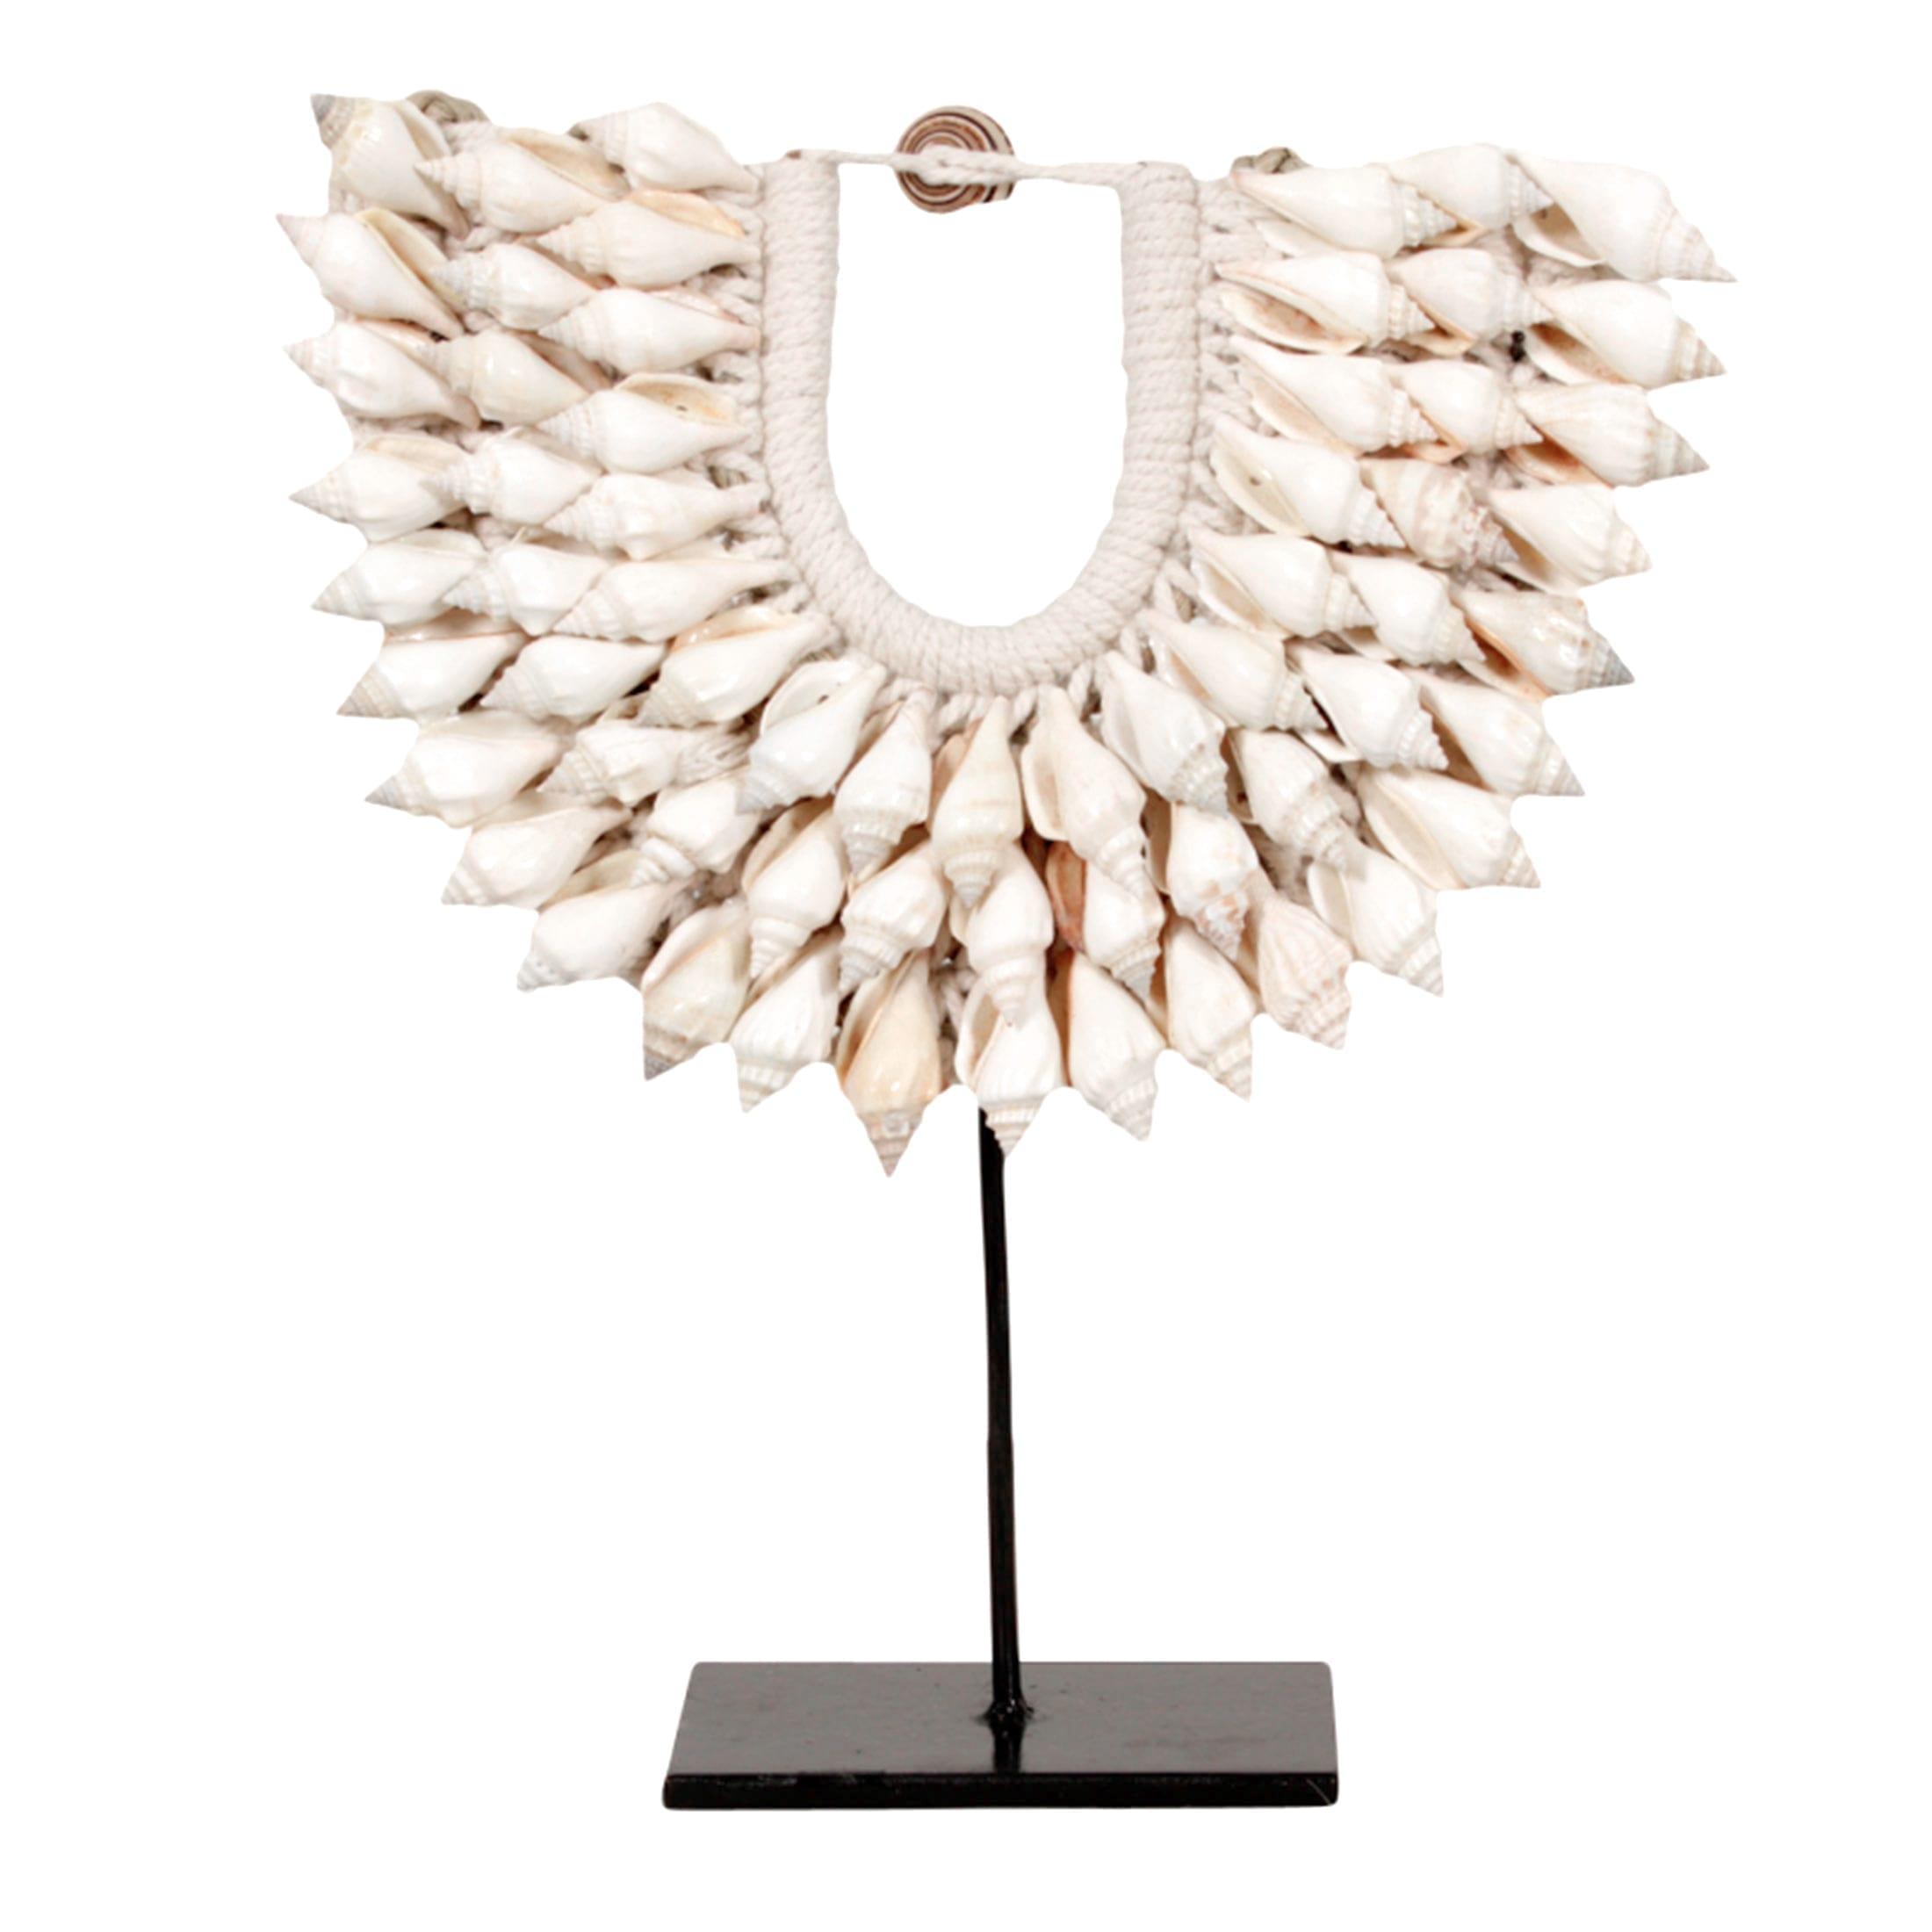 Dekoration aus Muscheln | Replik einer Halskette aus Papua, die auf einem Ständer aus schwarzem Metall ausgestellt ist | Bohemian Dekoration | Boho